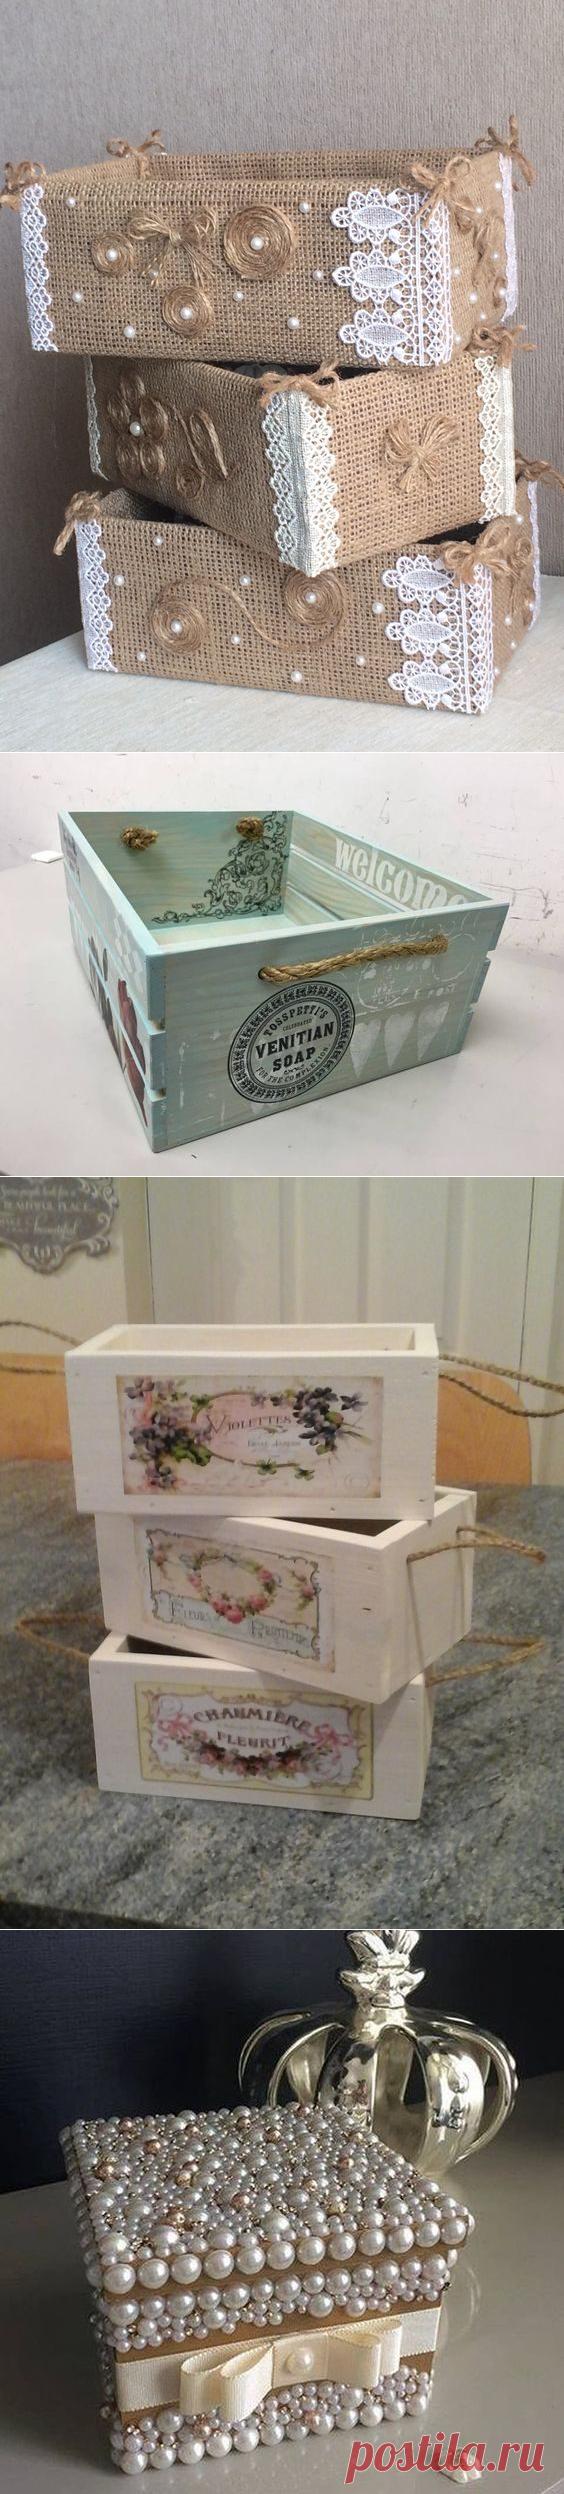 Идеи декоративных ящиков для хранения мелочей / Я - суперпупер